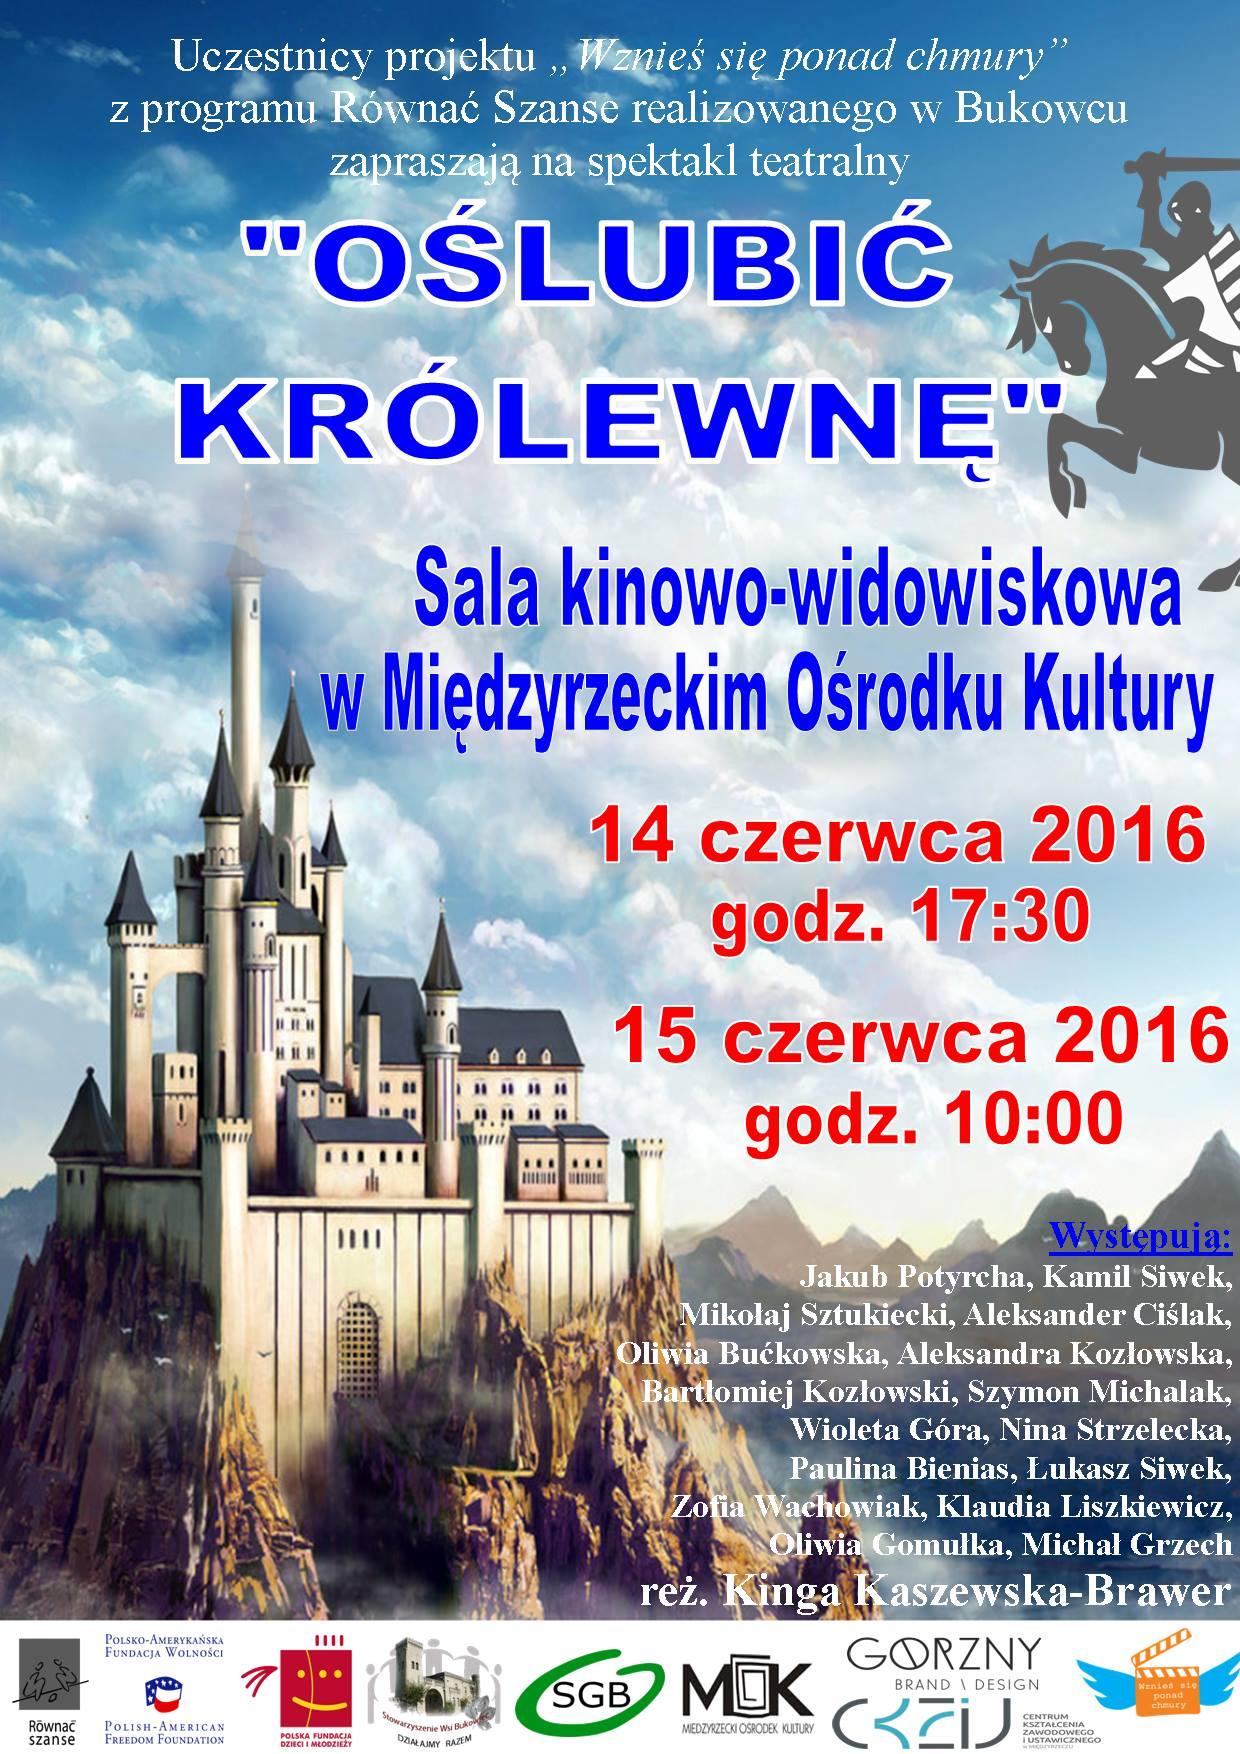 """14 i 15 czerwca 2016 r. zapraszamy do Międzyrzecza na spektakl teatralny pt. """"Oślubić Królewnę""""."""